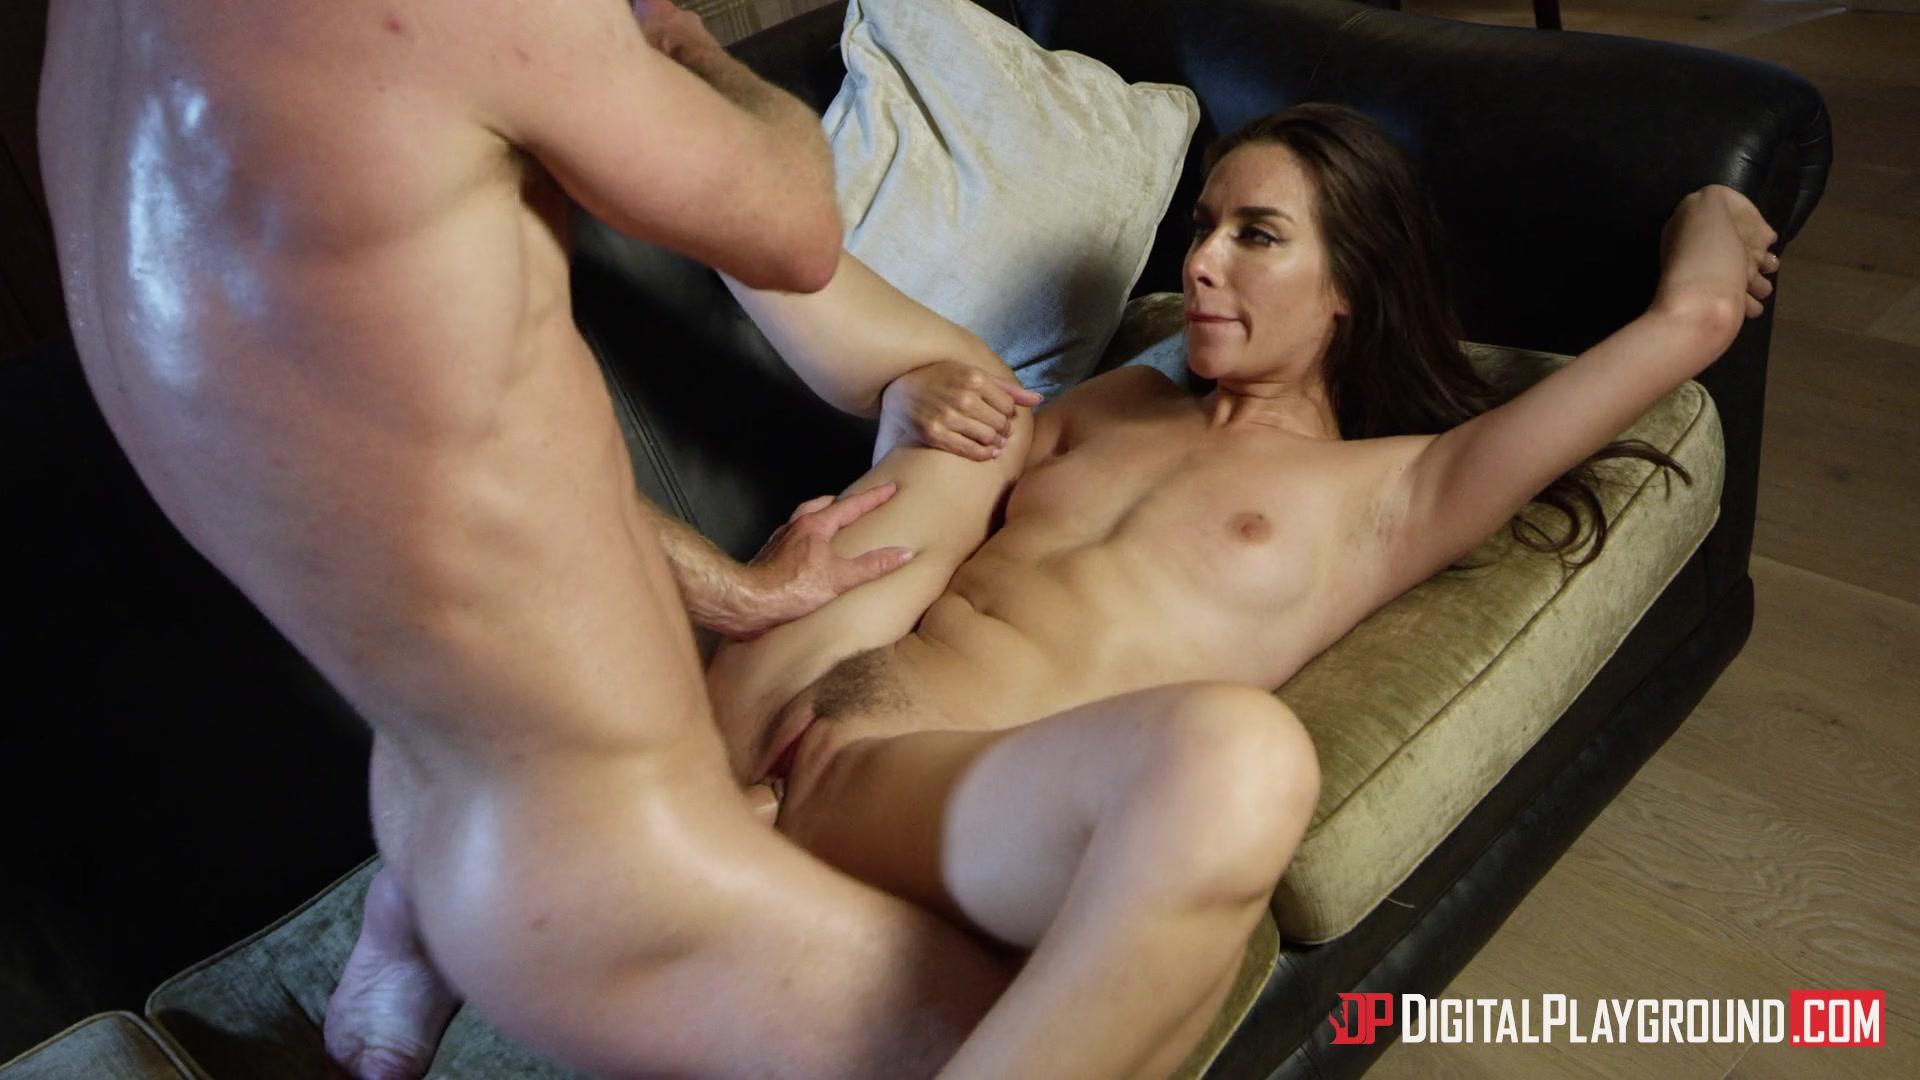 Темноволосая порно-звезда Cassidy Klein порно фото бесплатно